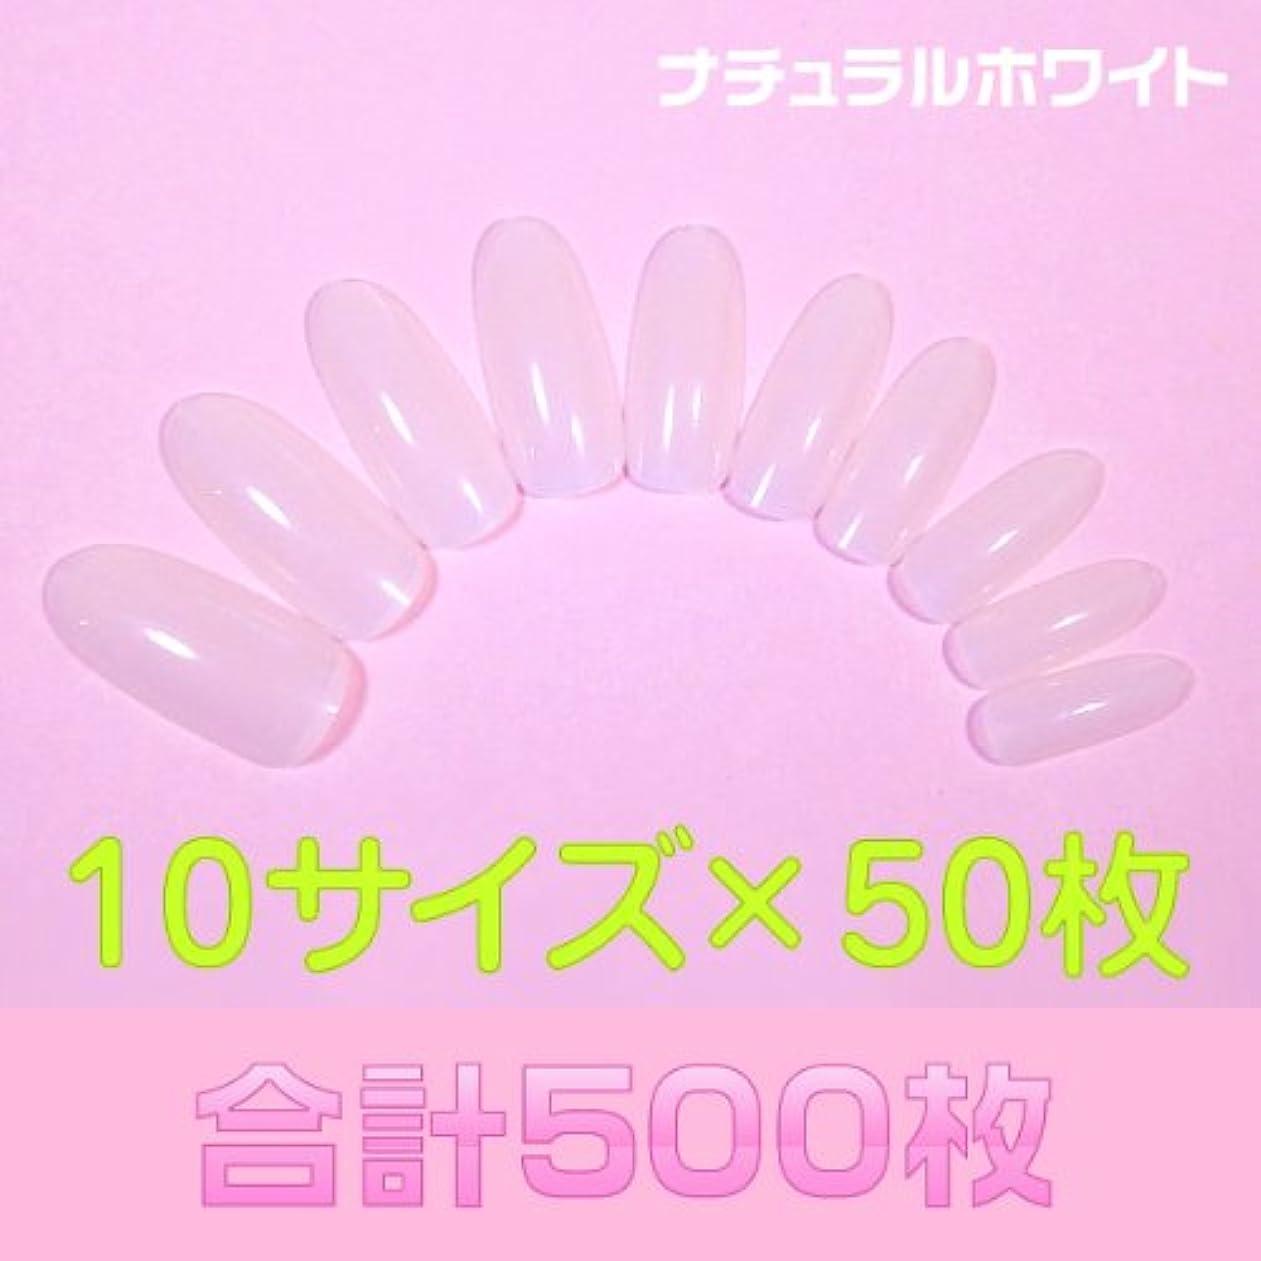 巨大な証言ルートネイルチップ 無地 ナチュラルホワイト ロングオーバル500枚 [#4]フルカバーオーダー用通販 つけ爪付け爪